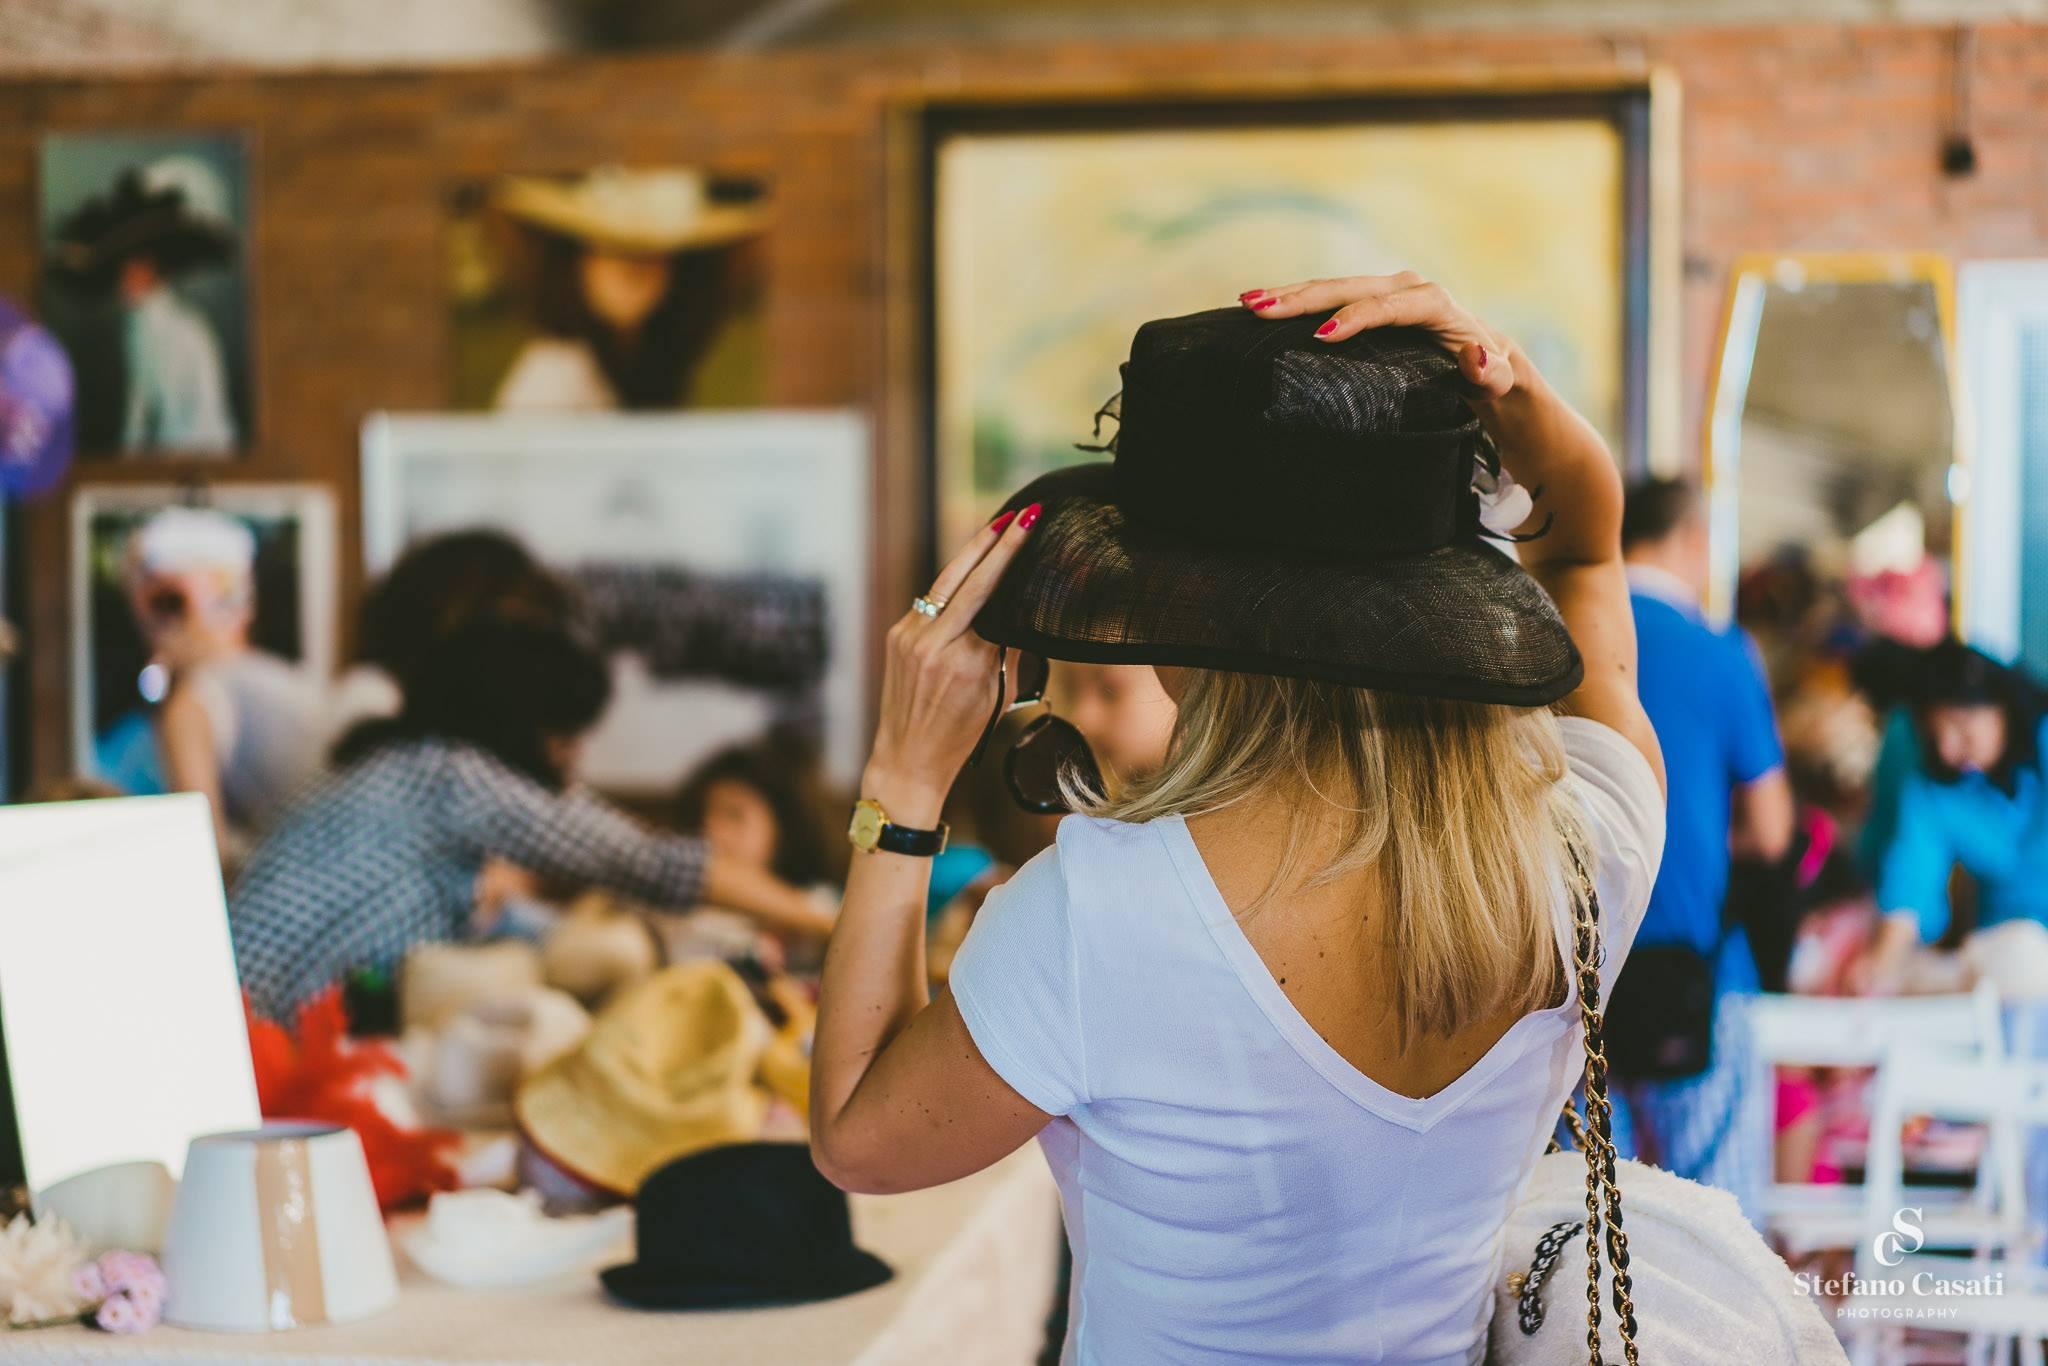 il cappello piu bello per corri la vita